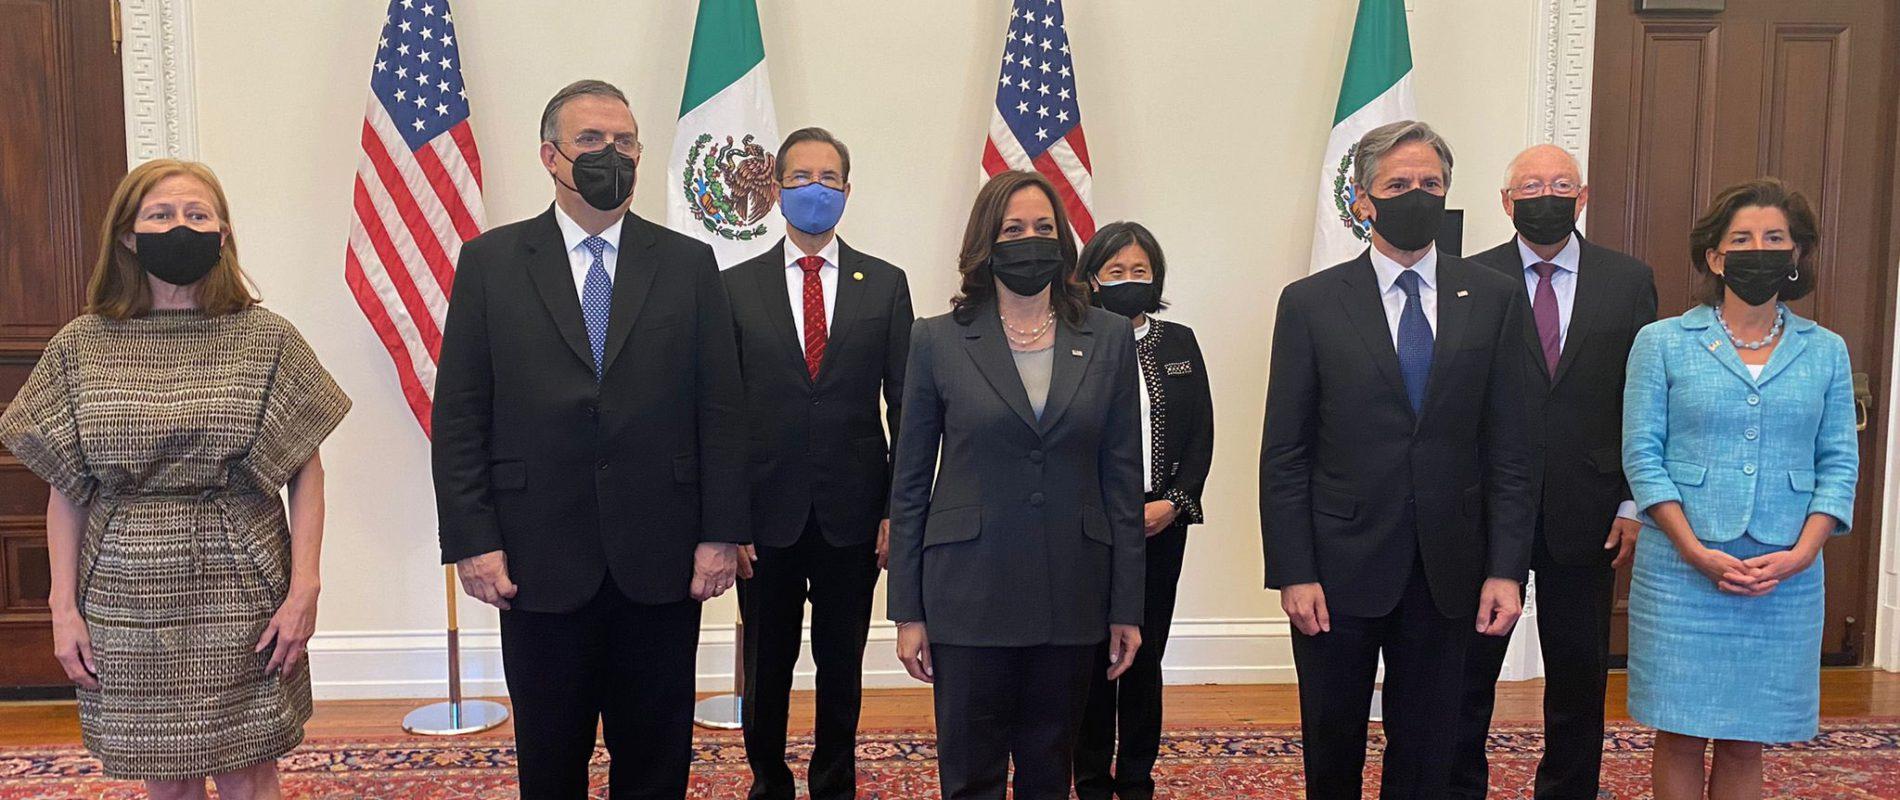 México y Estados Unidos dan por reactivado el Diálogo Económico de Alto Nivel con cuatro pilares